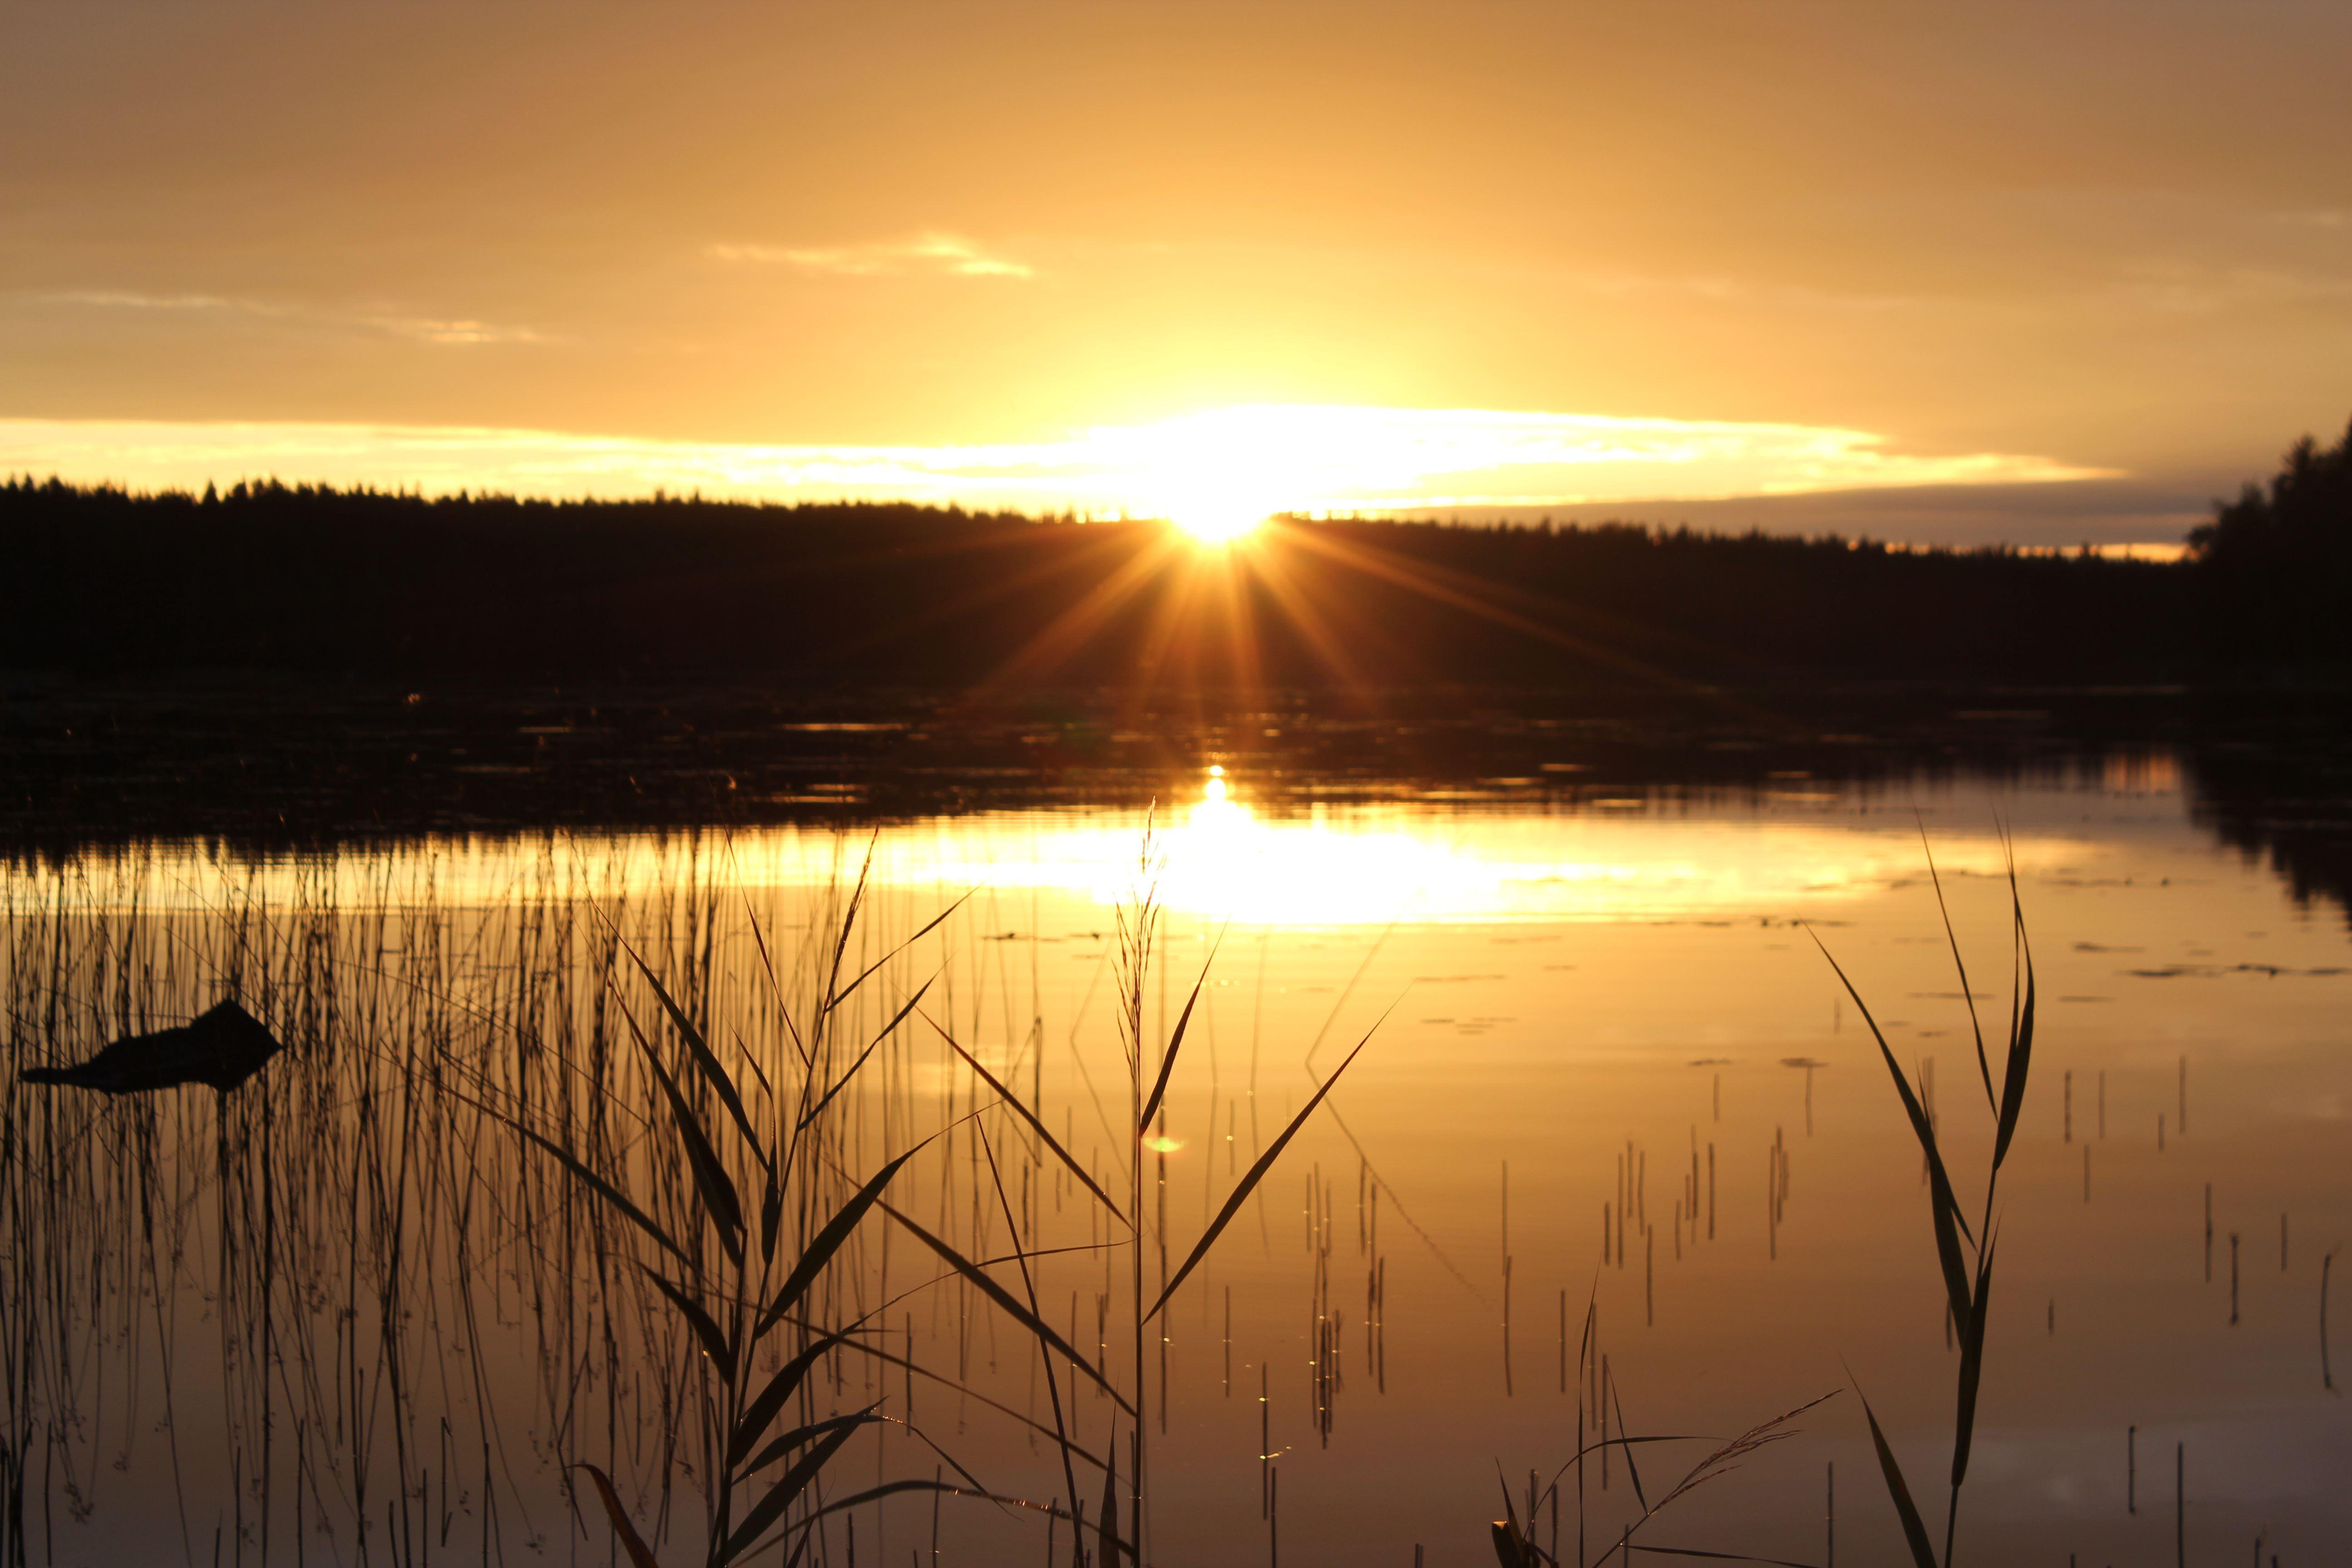 Kesäyön hiljaisuus | Best Lake Adventures